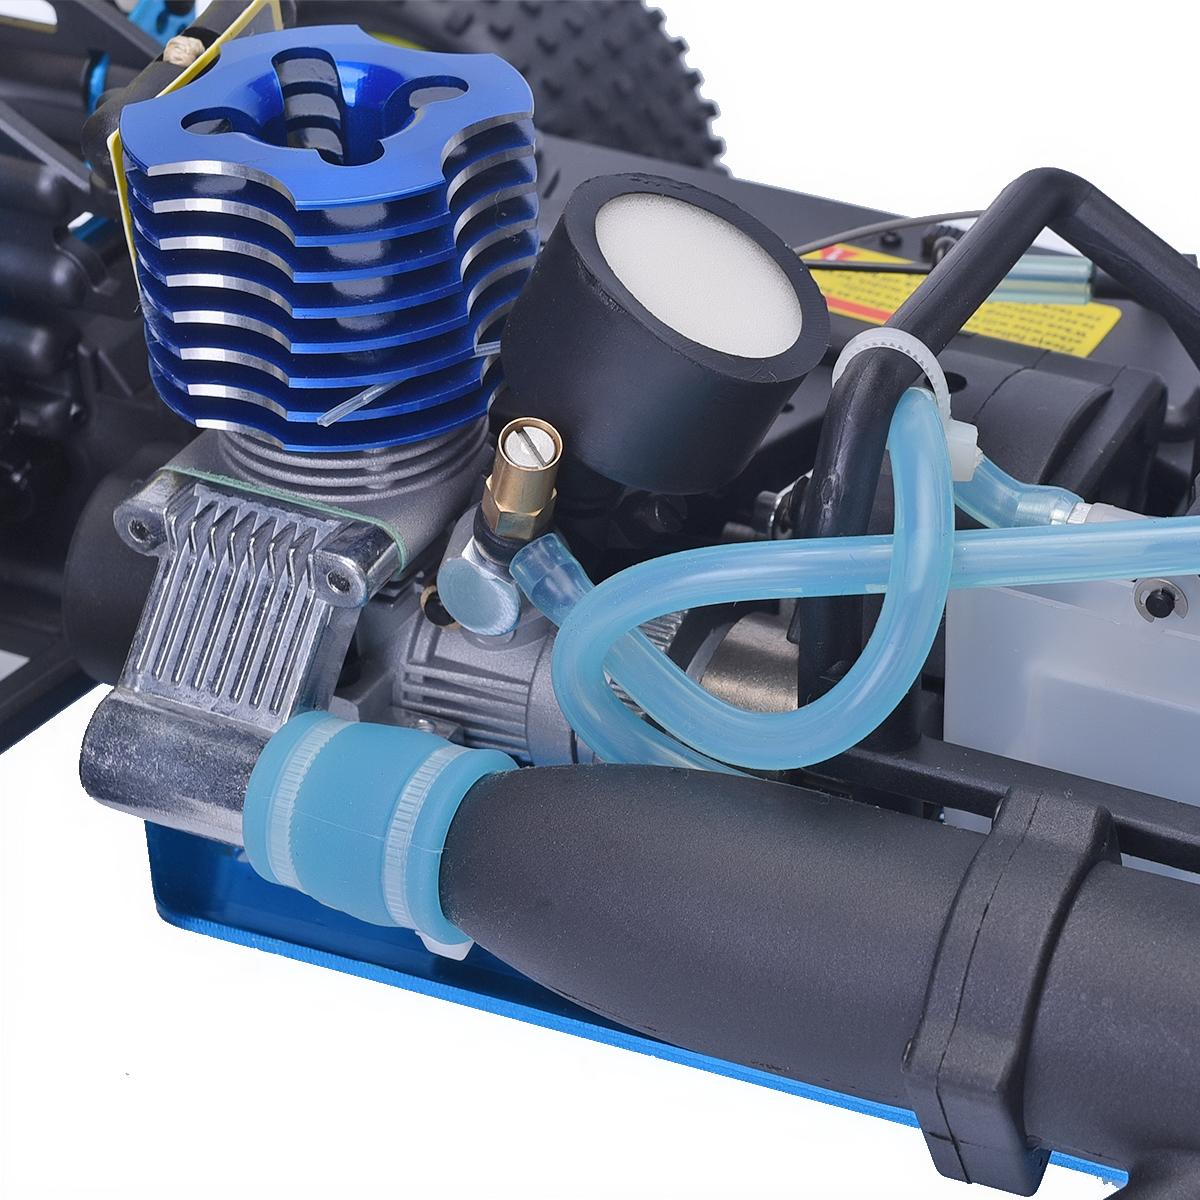 HSP 1/10 94166 RC Car Off-road Buggy Backwach Nitro Gas